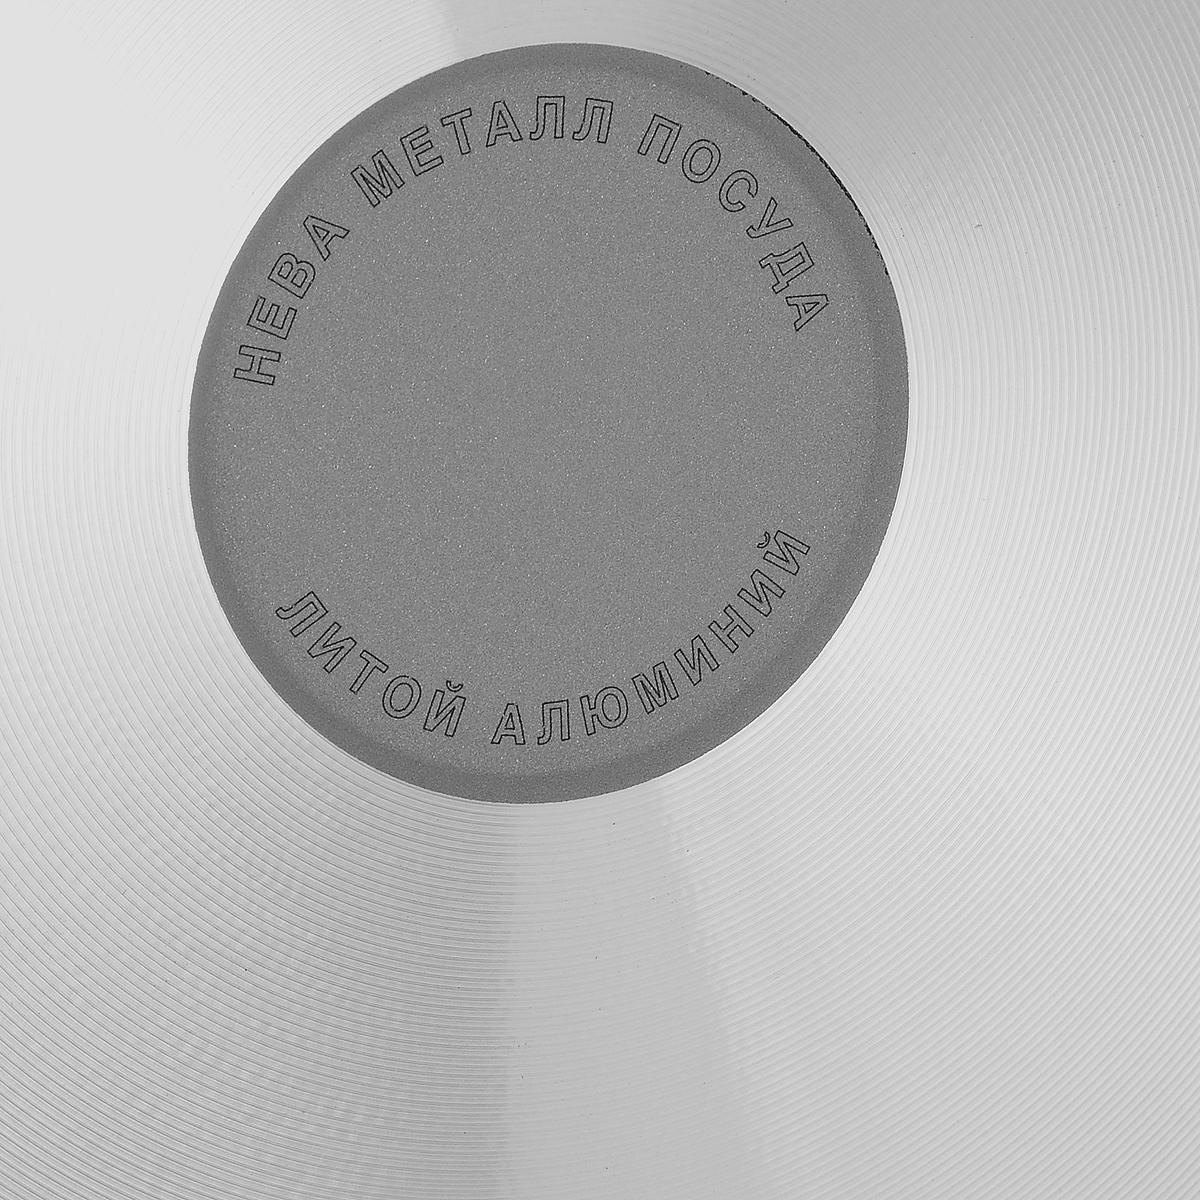 """Сковорода """"Традиционная"""" из серии литой алюминиевой посуды с антипригарным покрытием на водной основе. Антипригарное покрытие сделано на водной основе, относится к самому безопасному, четвертому классу по ГОСТу. Антипригарное покрытие традиционно производится БЕЗ использования PFOA (перфтороктановой кислоты). Равномерно нагревается за счет особой конструкции литого корпуса по принципу """"золотого сечения"""", толстых стенок (4 мм) и ещё более толстого дна (6 мм). Приготовленная еда получается особенно вкусной благодаря специфическим термоаккумулирующим свойствами пищевого сплава алюминия с кремнием. Корпус, отлитый вручную, практически не подвержен деформации даже при сильном нагреве.    Посуда подходит для использования на газовых, электрических и стеклокерамических плитах; морозильной камере; ее можно мыть в посудомоечной машине. Характеристики:  Материал: алюминий. Диаметр сковороды: 28 см. Высота стенки: 7,0 см. Длина ручки: 19 см. Диаметр дна: 22 см. Толщина стенок: 4 мм. Толщина дна: 6 мм. Производитель: Россия. Размер упаковки: 50 см х 29 см х 7,0 см. Артикул: 6128."""